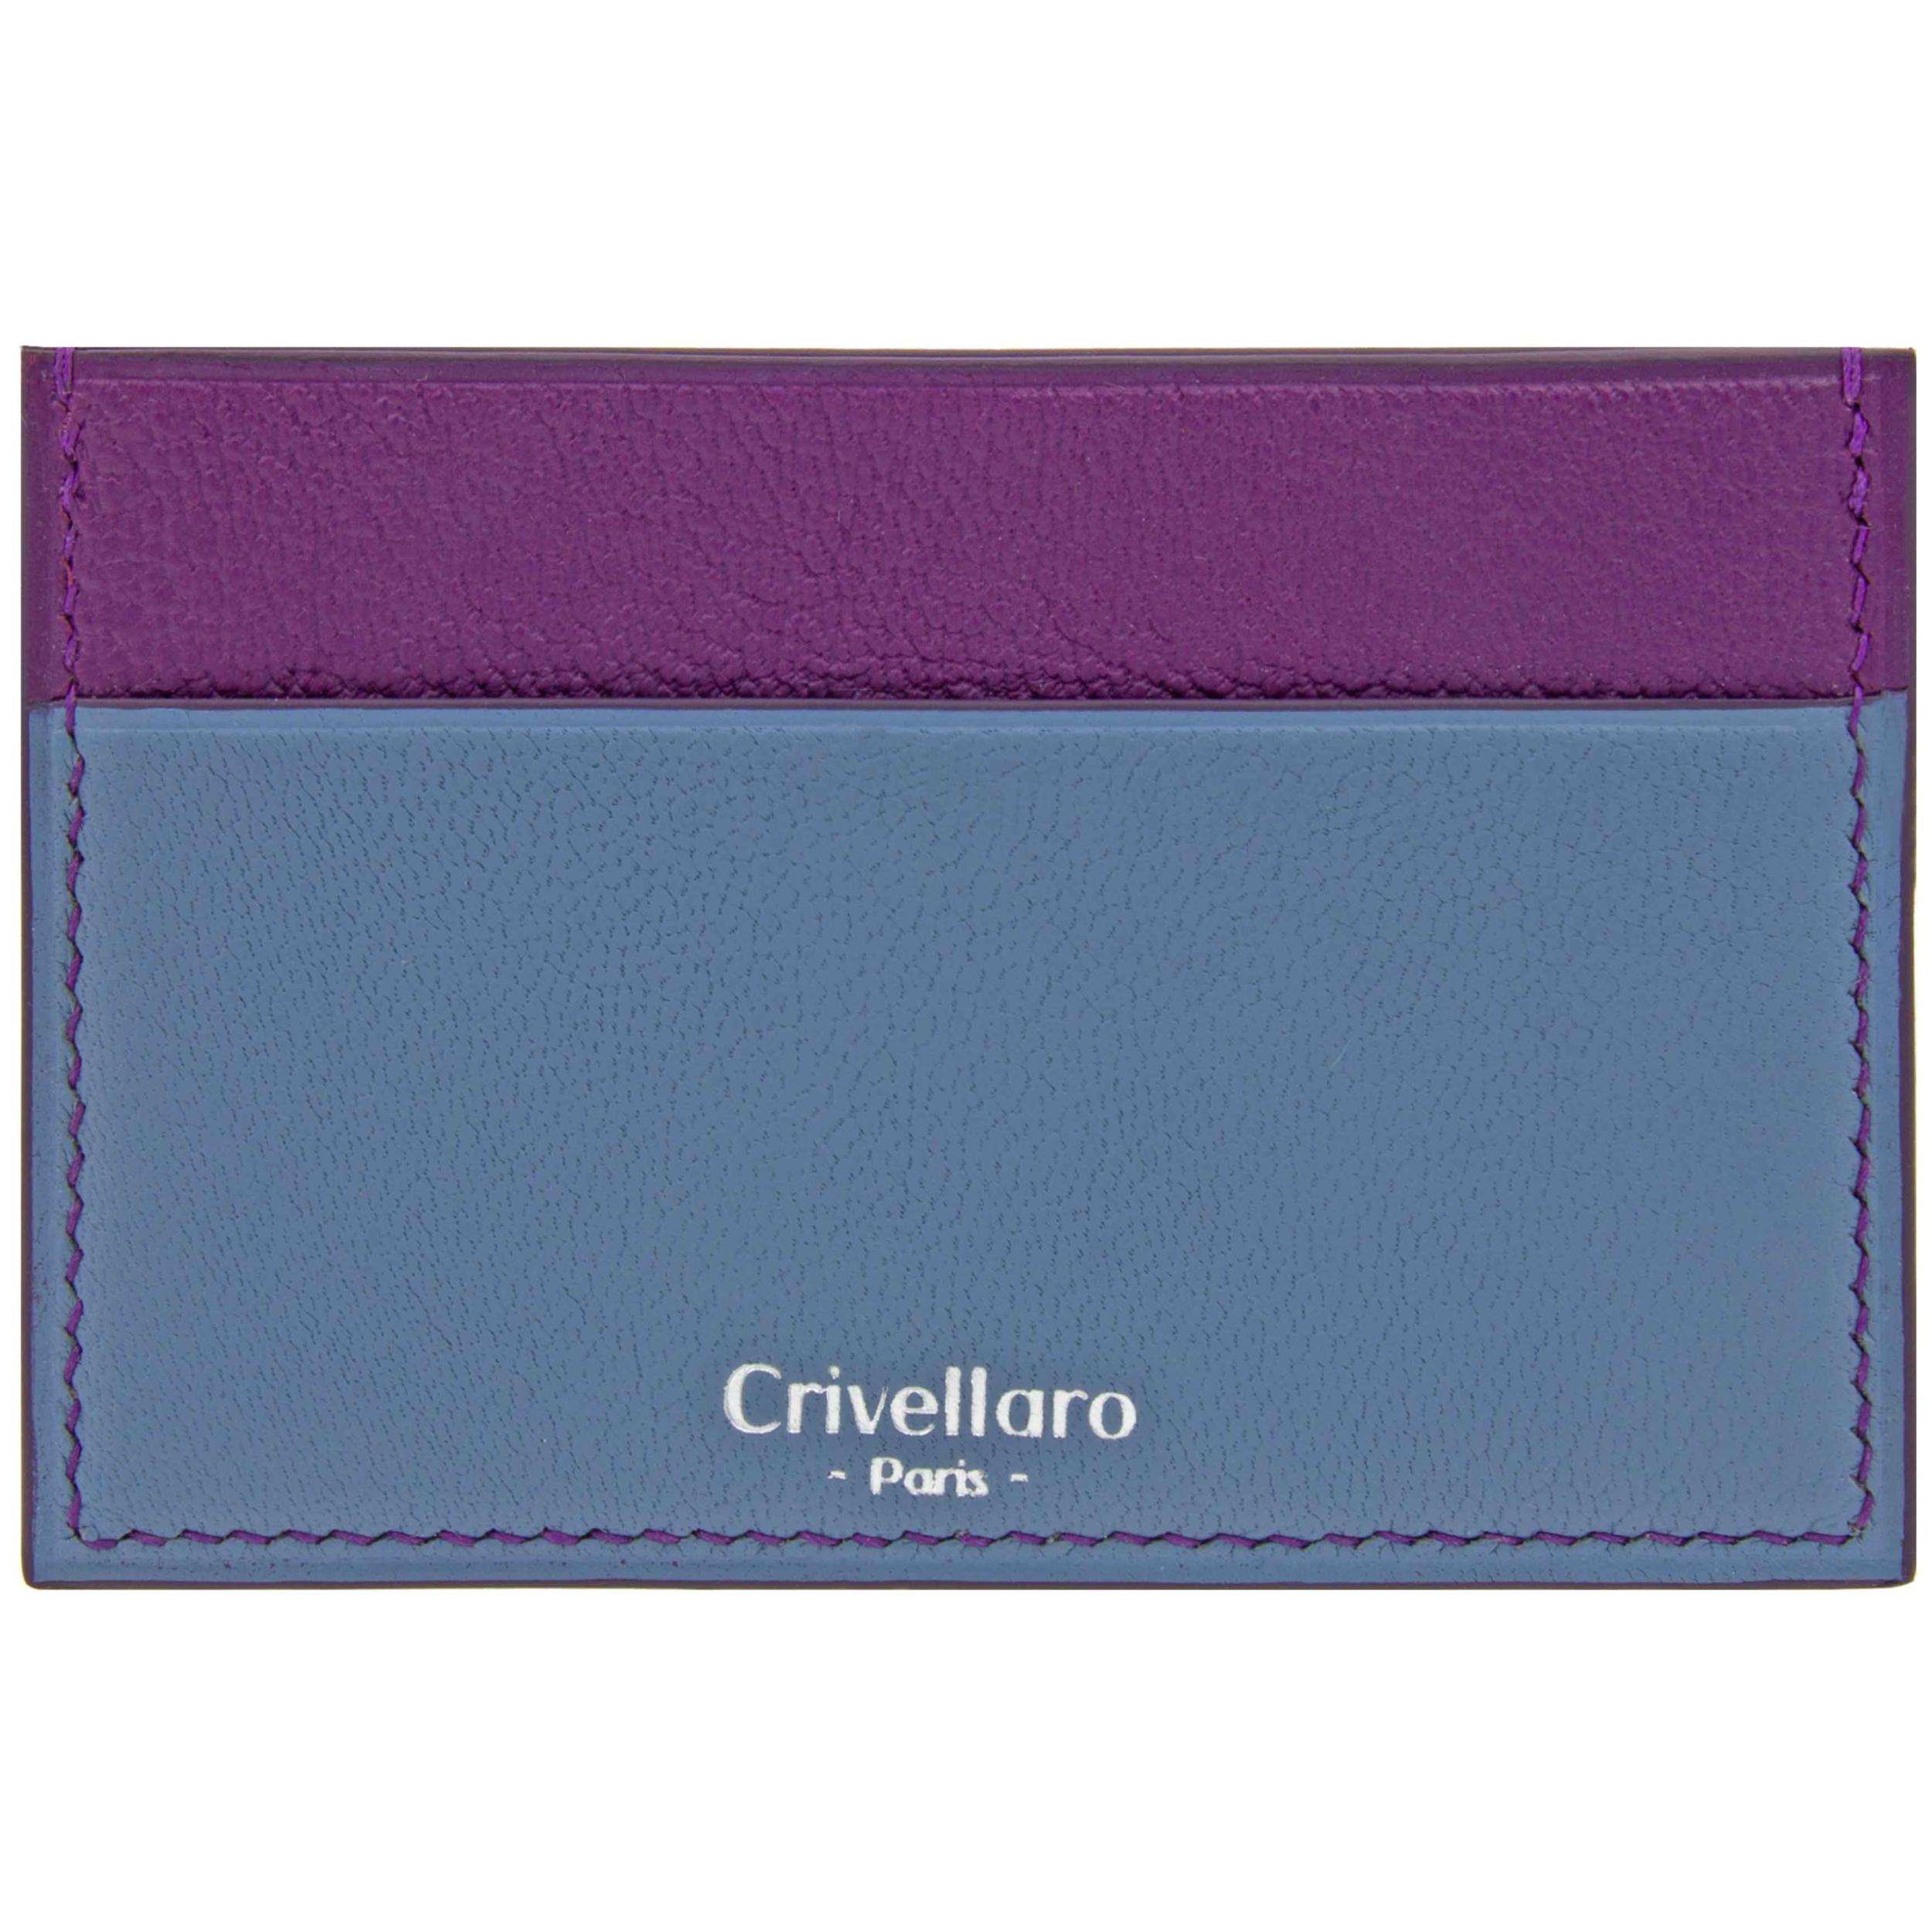 Crivellaro portes cartes SLIM Bleu et Violet